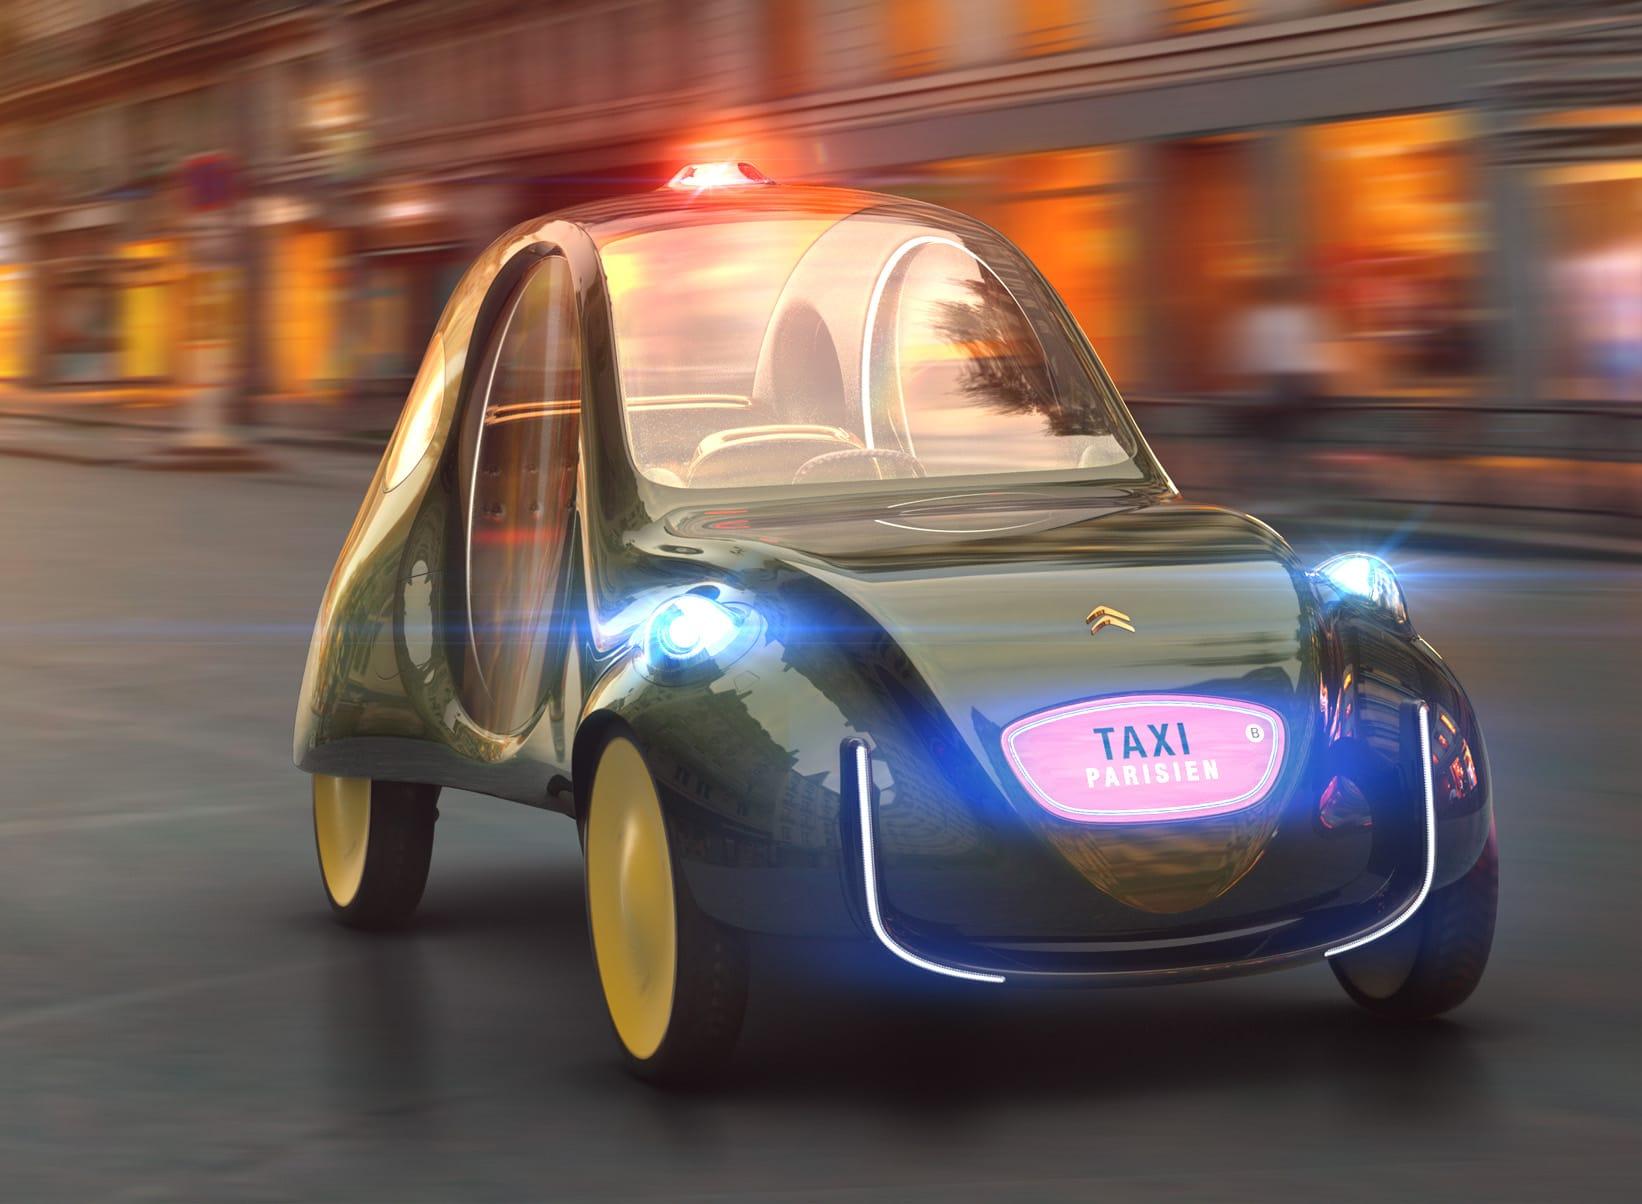 Citroen taxi eCV